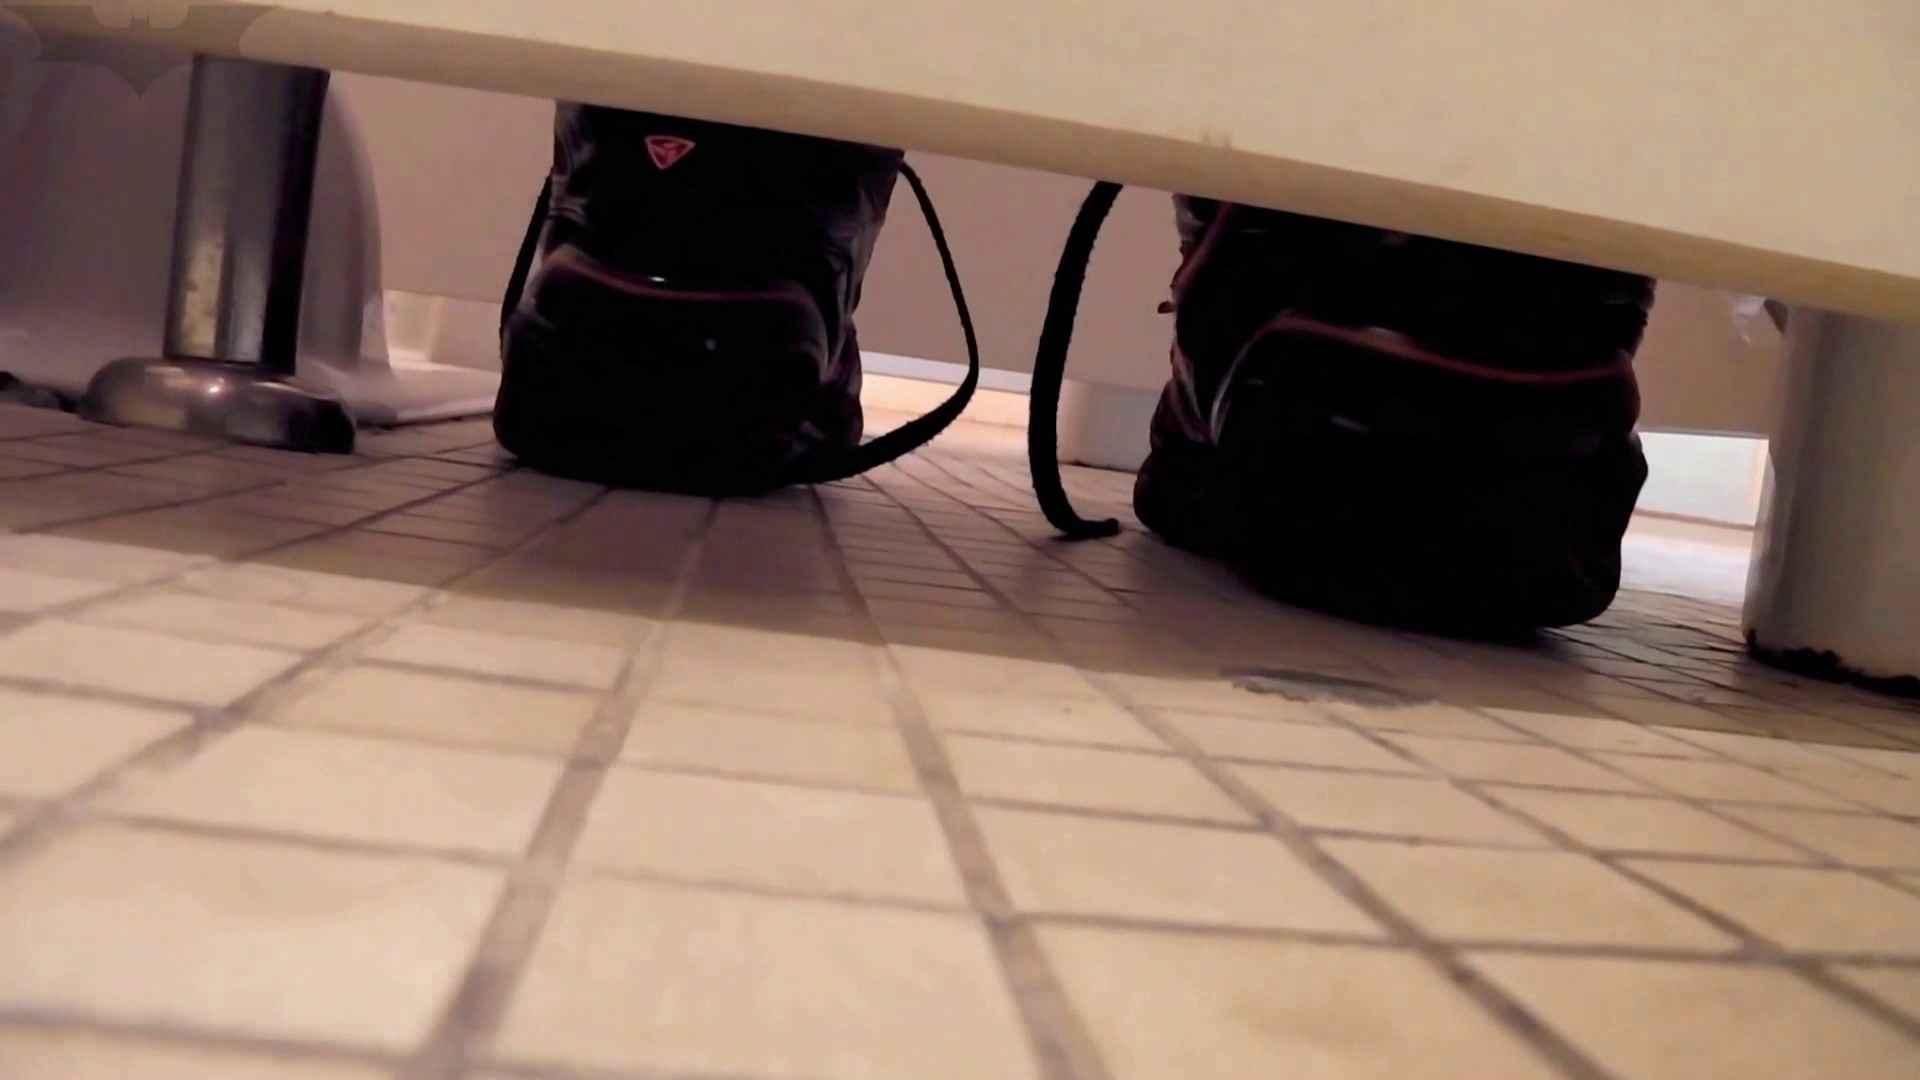 トイレ盗撮|第三体育館潜入撮File009 珍しい!左手で御尻を広げながら右手で拭く|怪盗ジョーカー